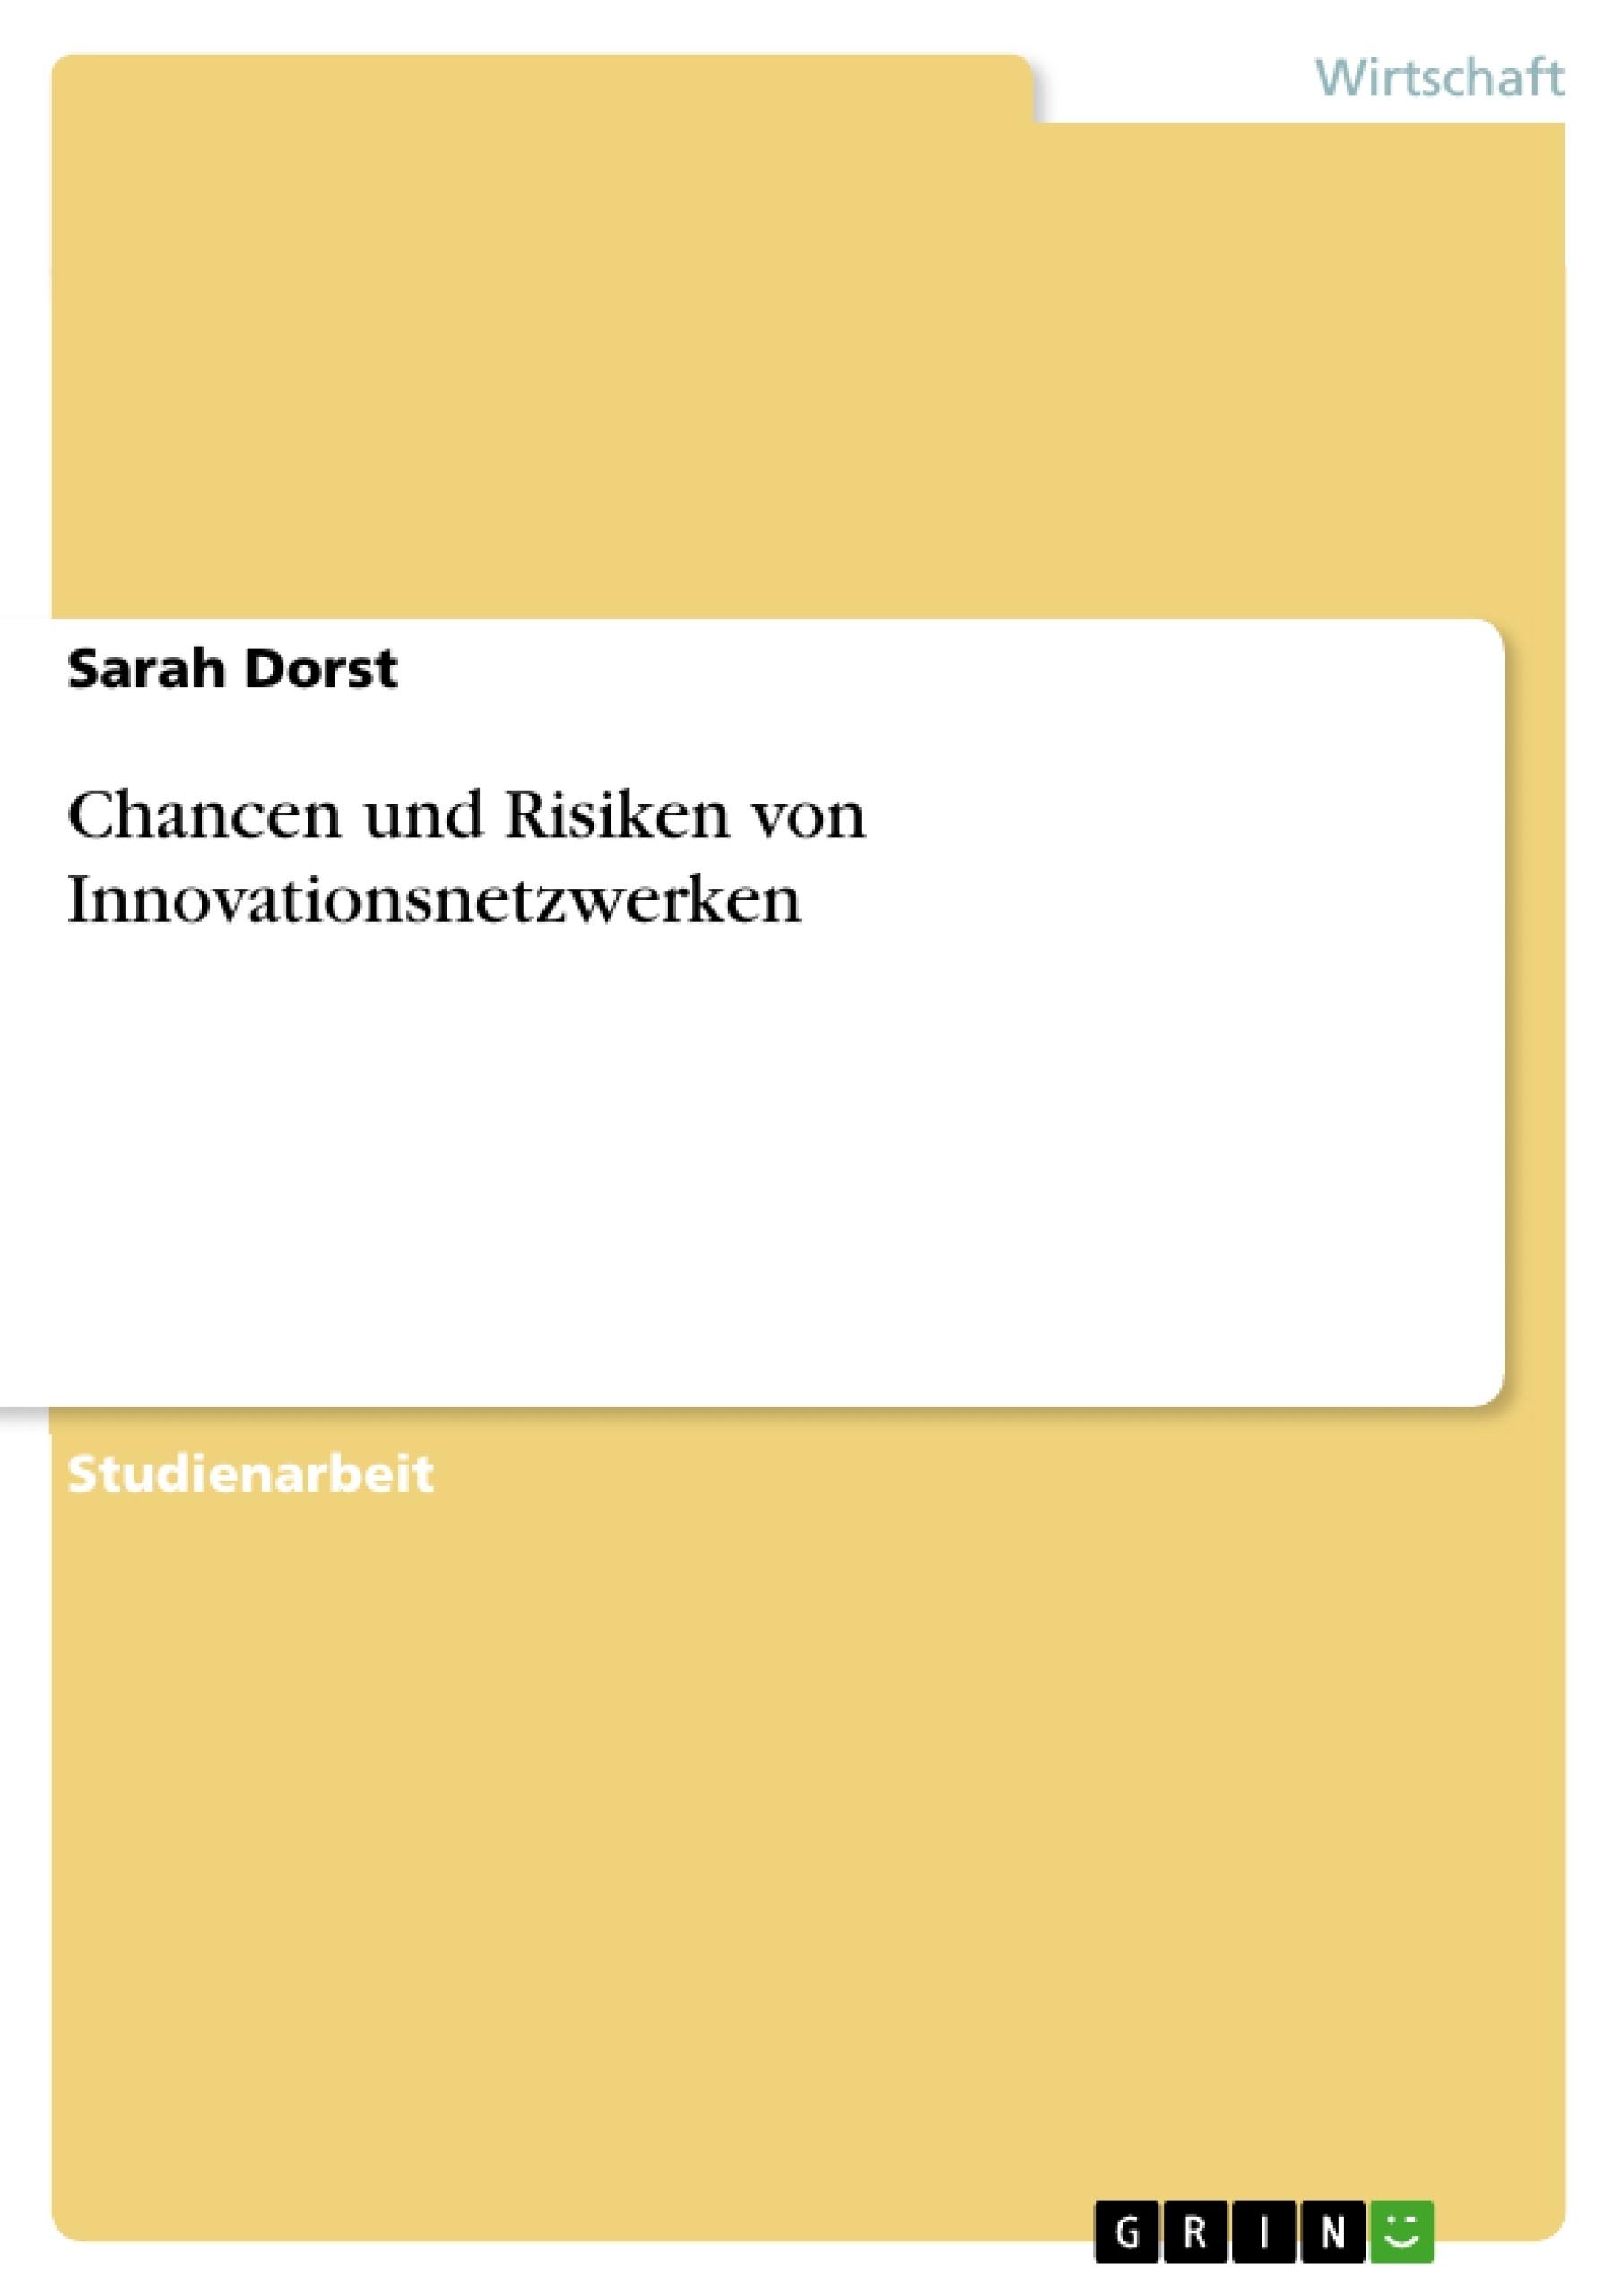 Titel: Chancen und Risiken von Innovationsnetzwerken